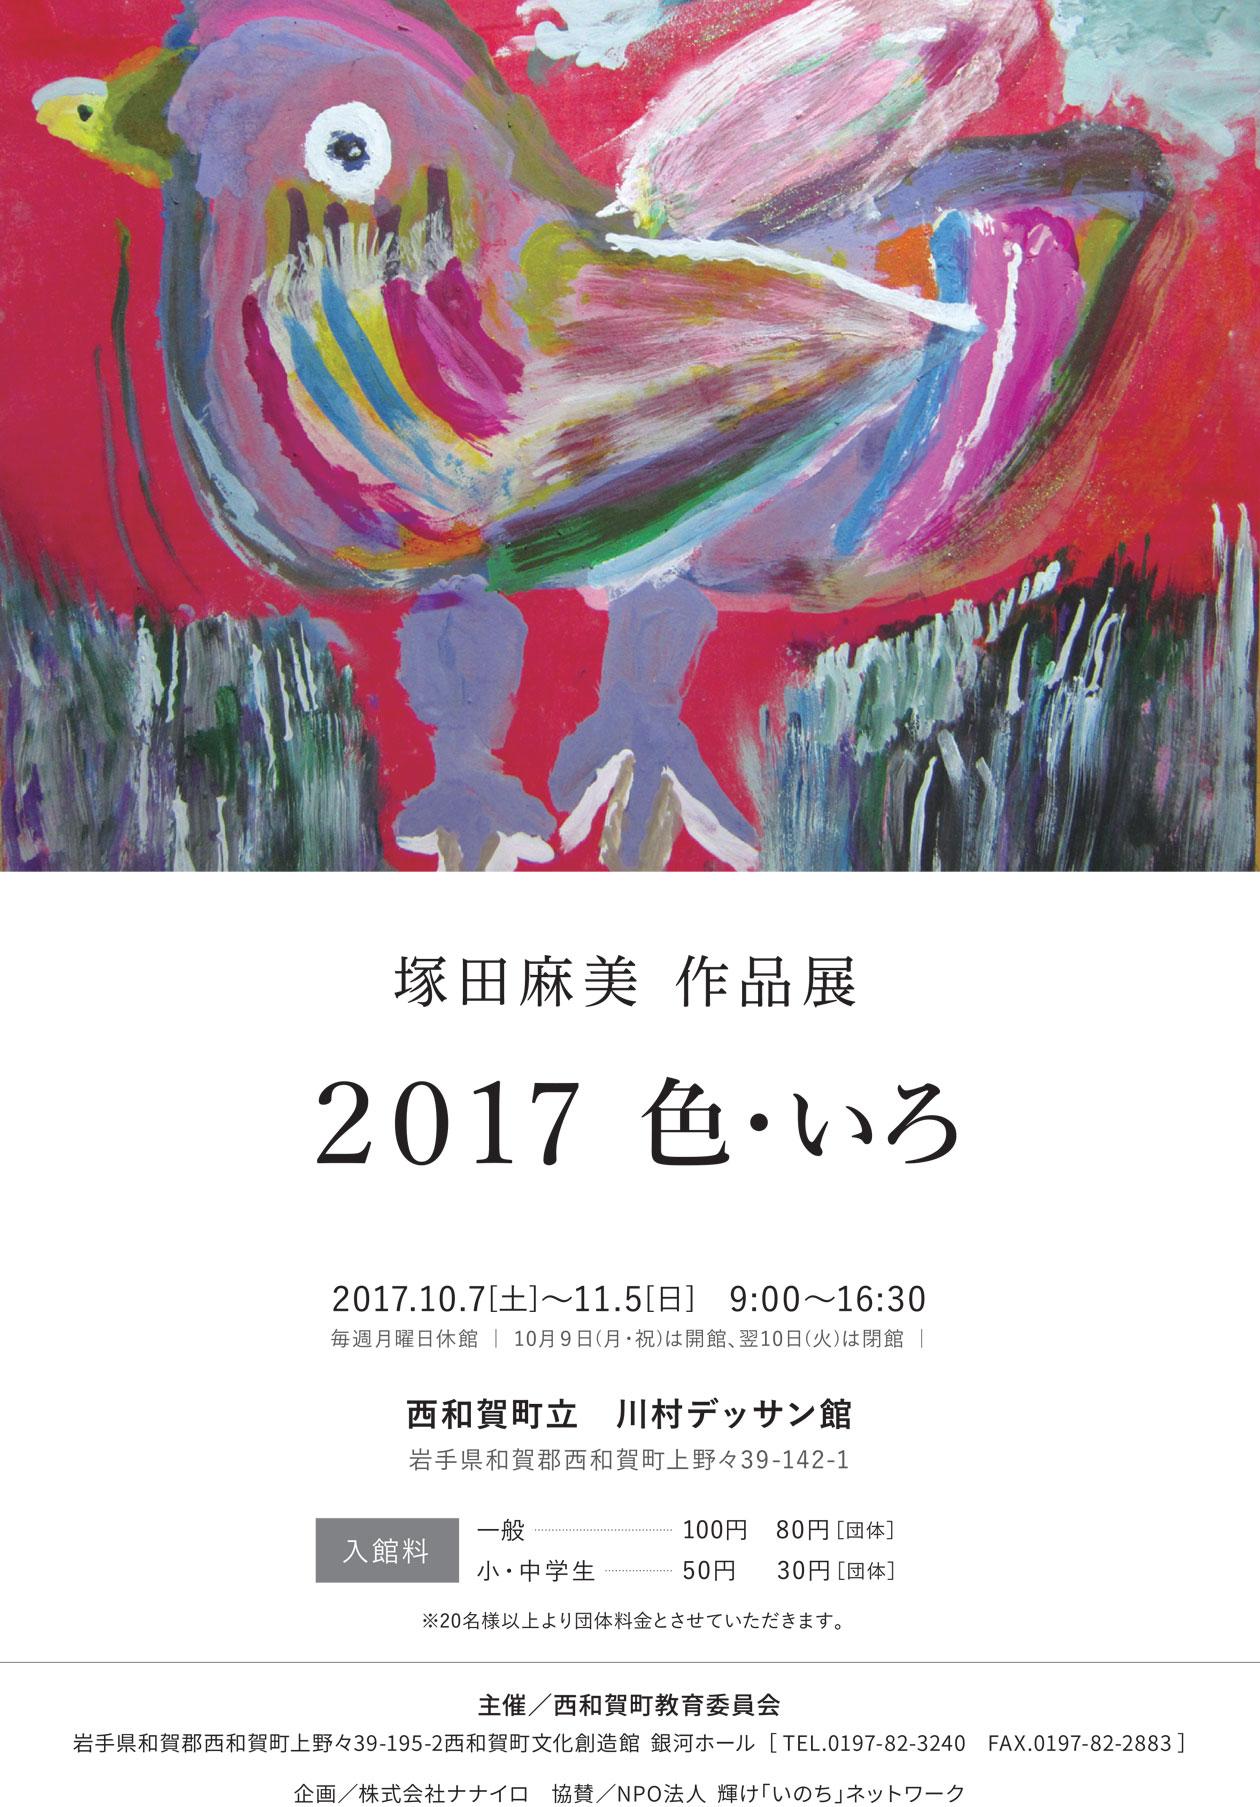 塚田麻美 作品展「2017色・いろ」